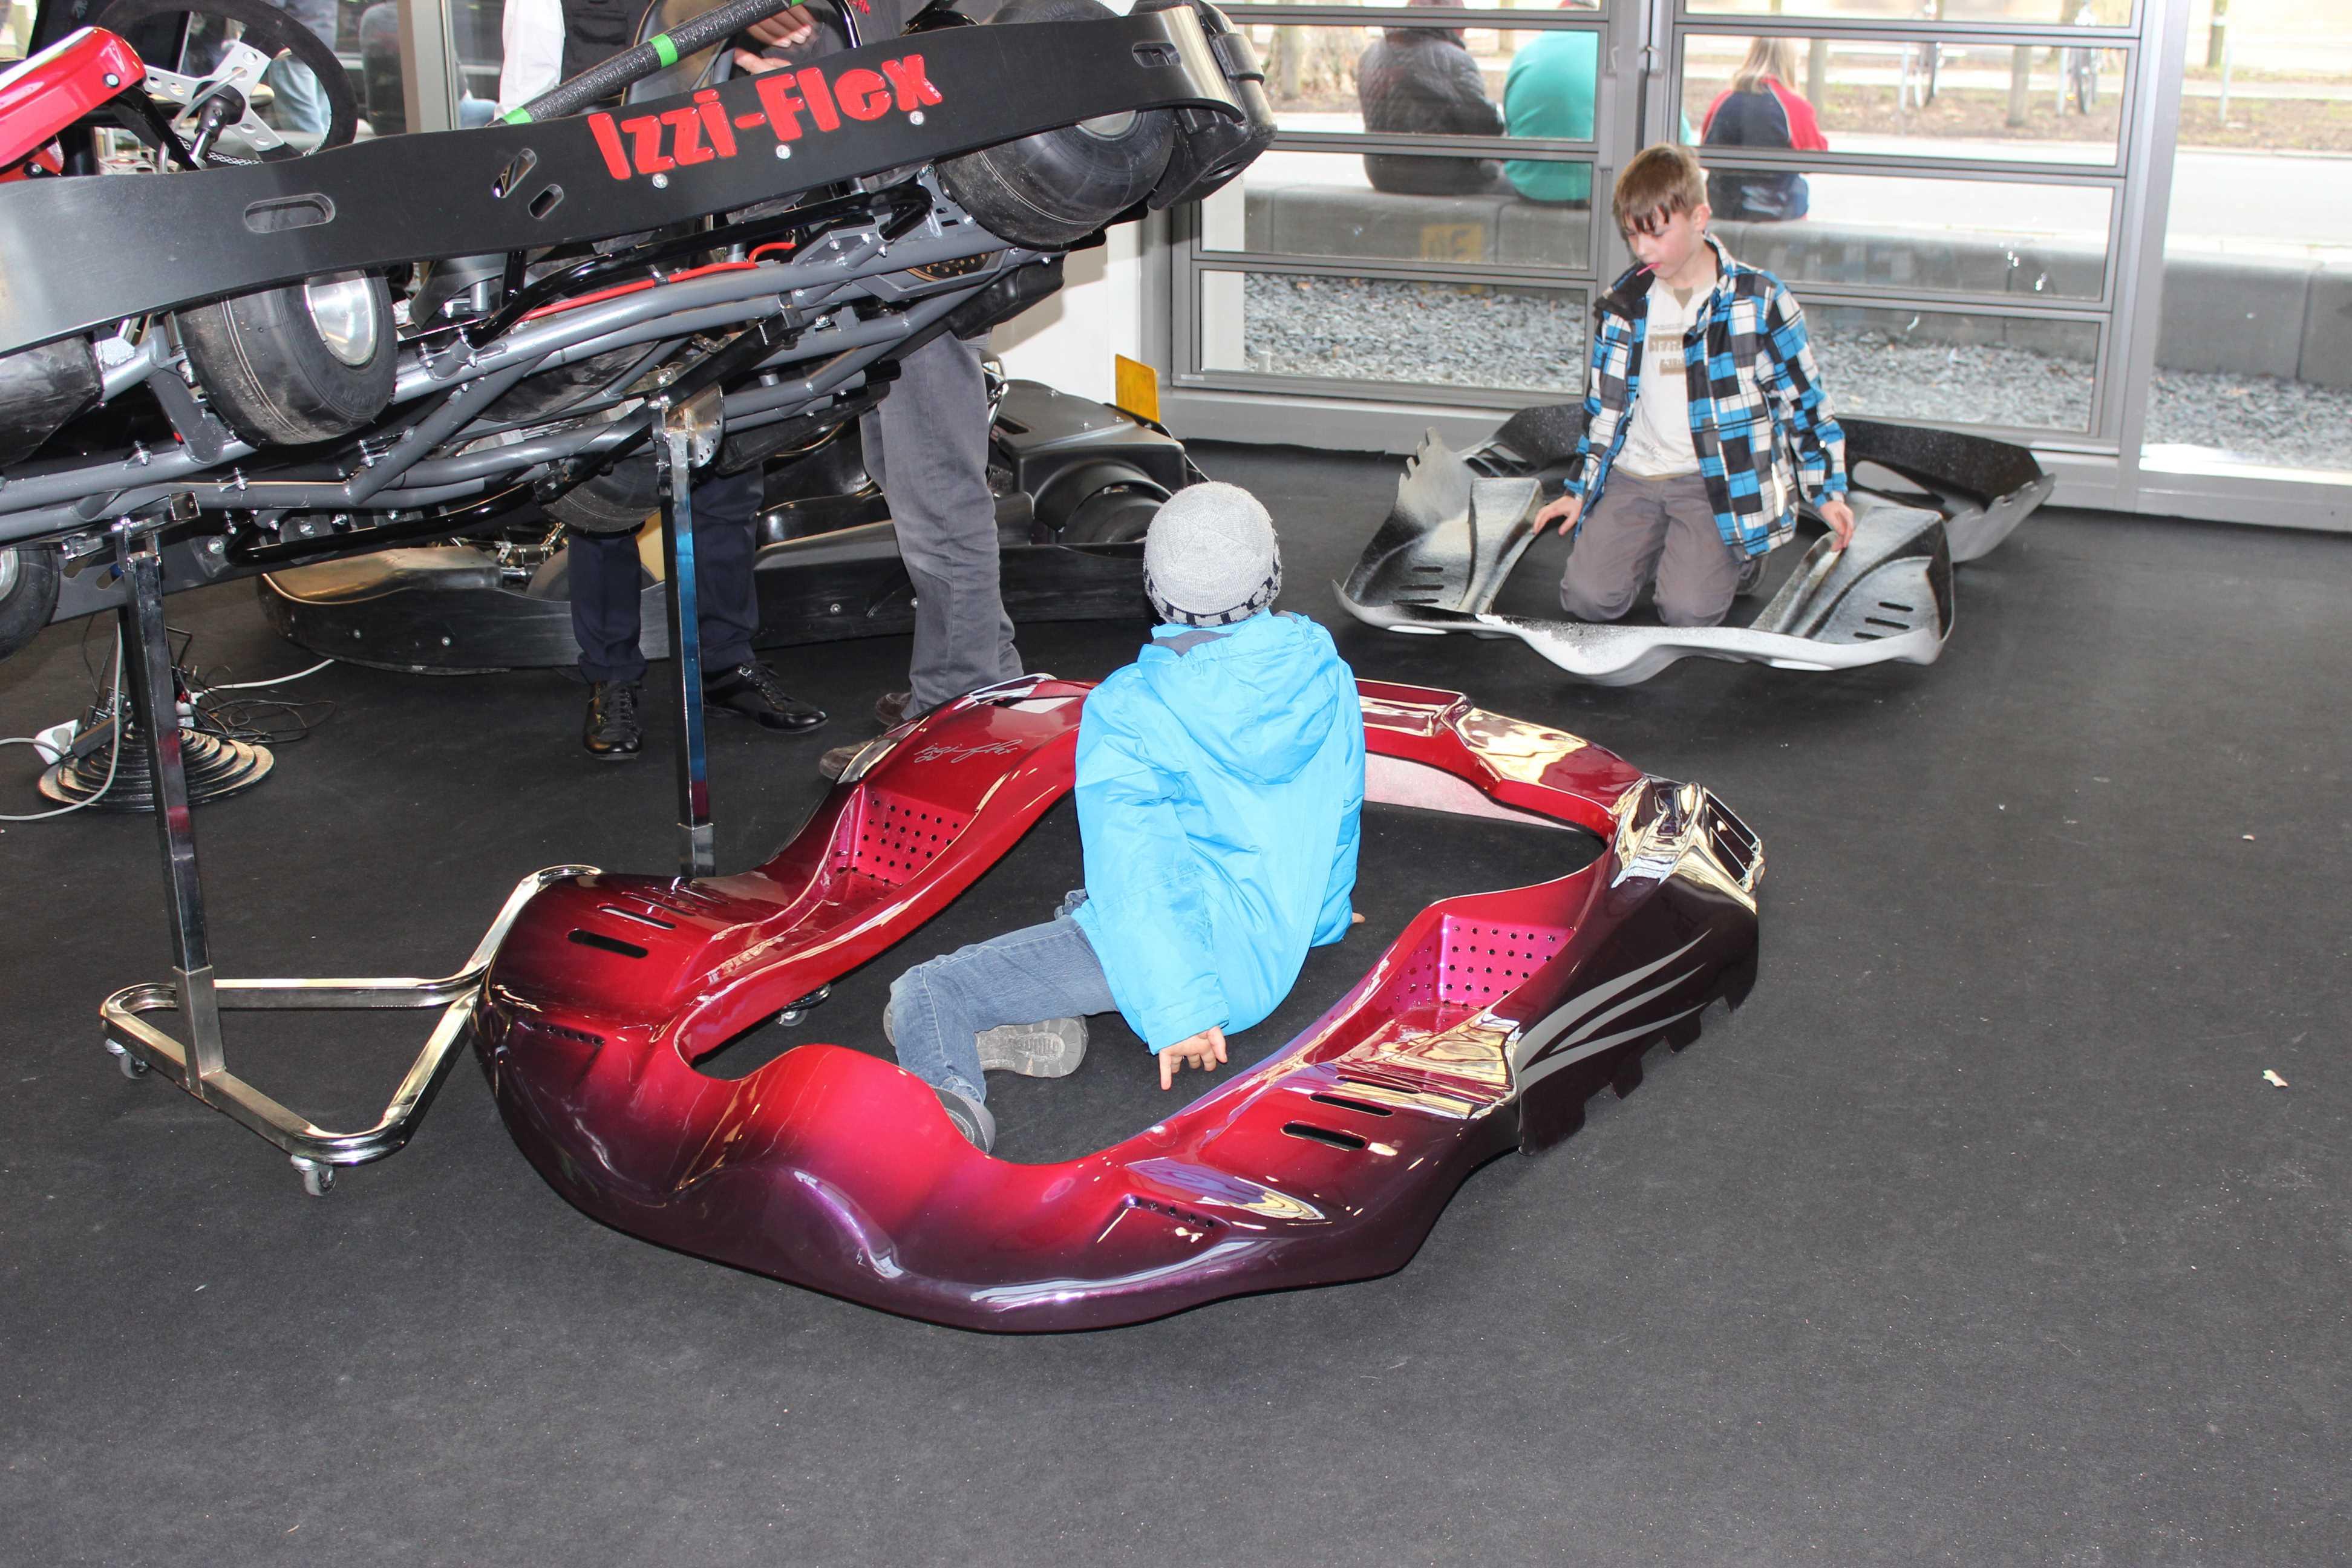 IZZI-FLEX Apresentação na Feira Internacional do Karting Alemanha22